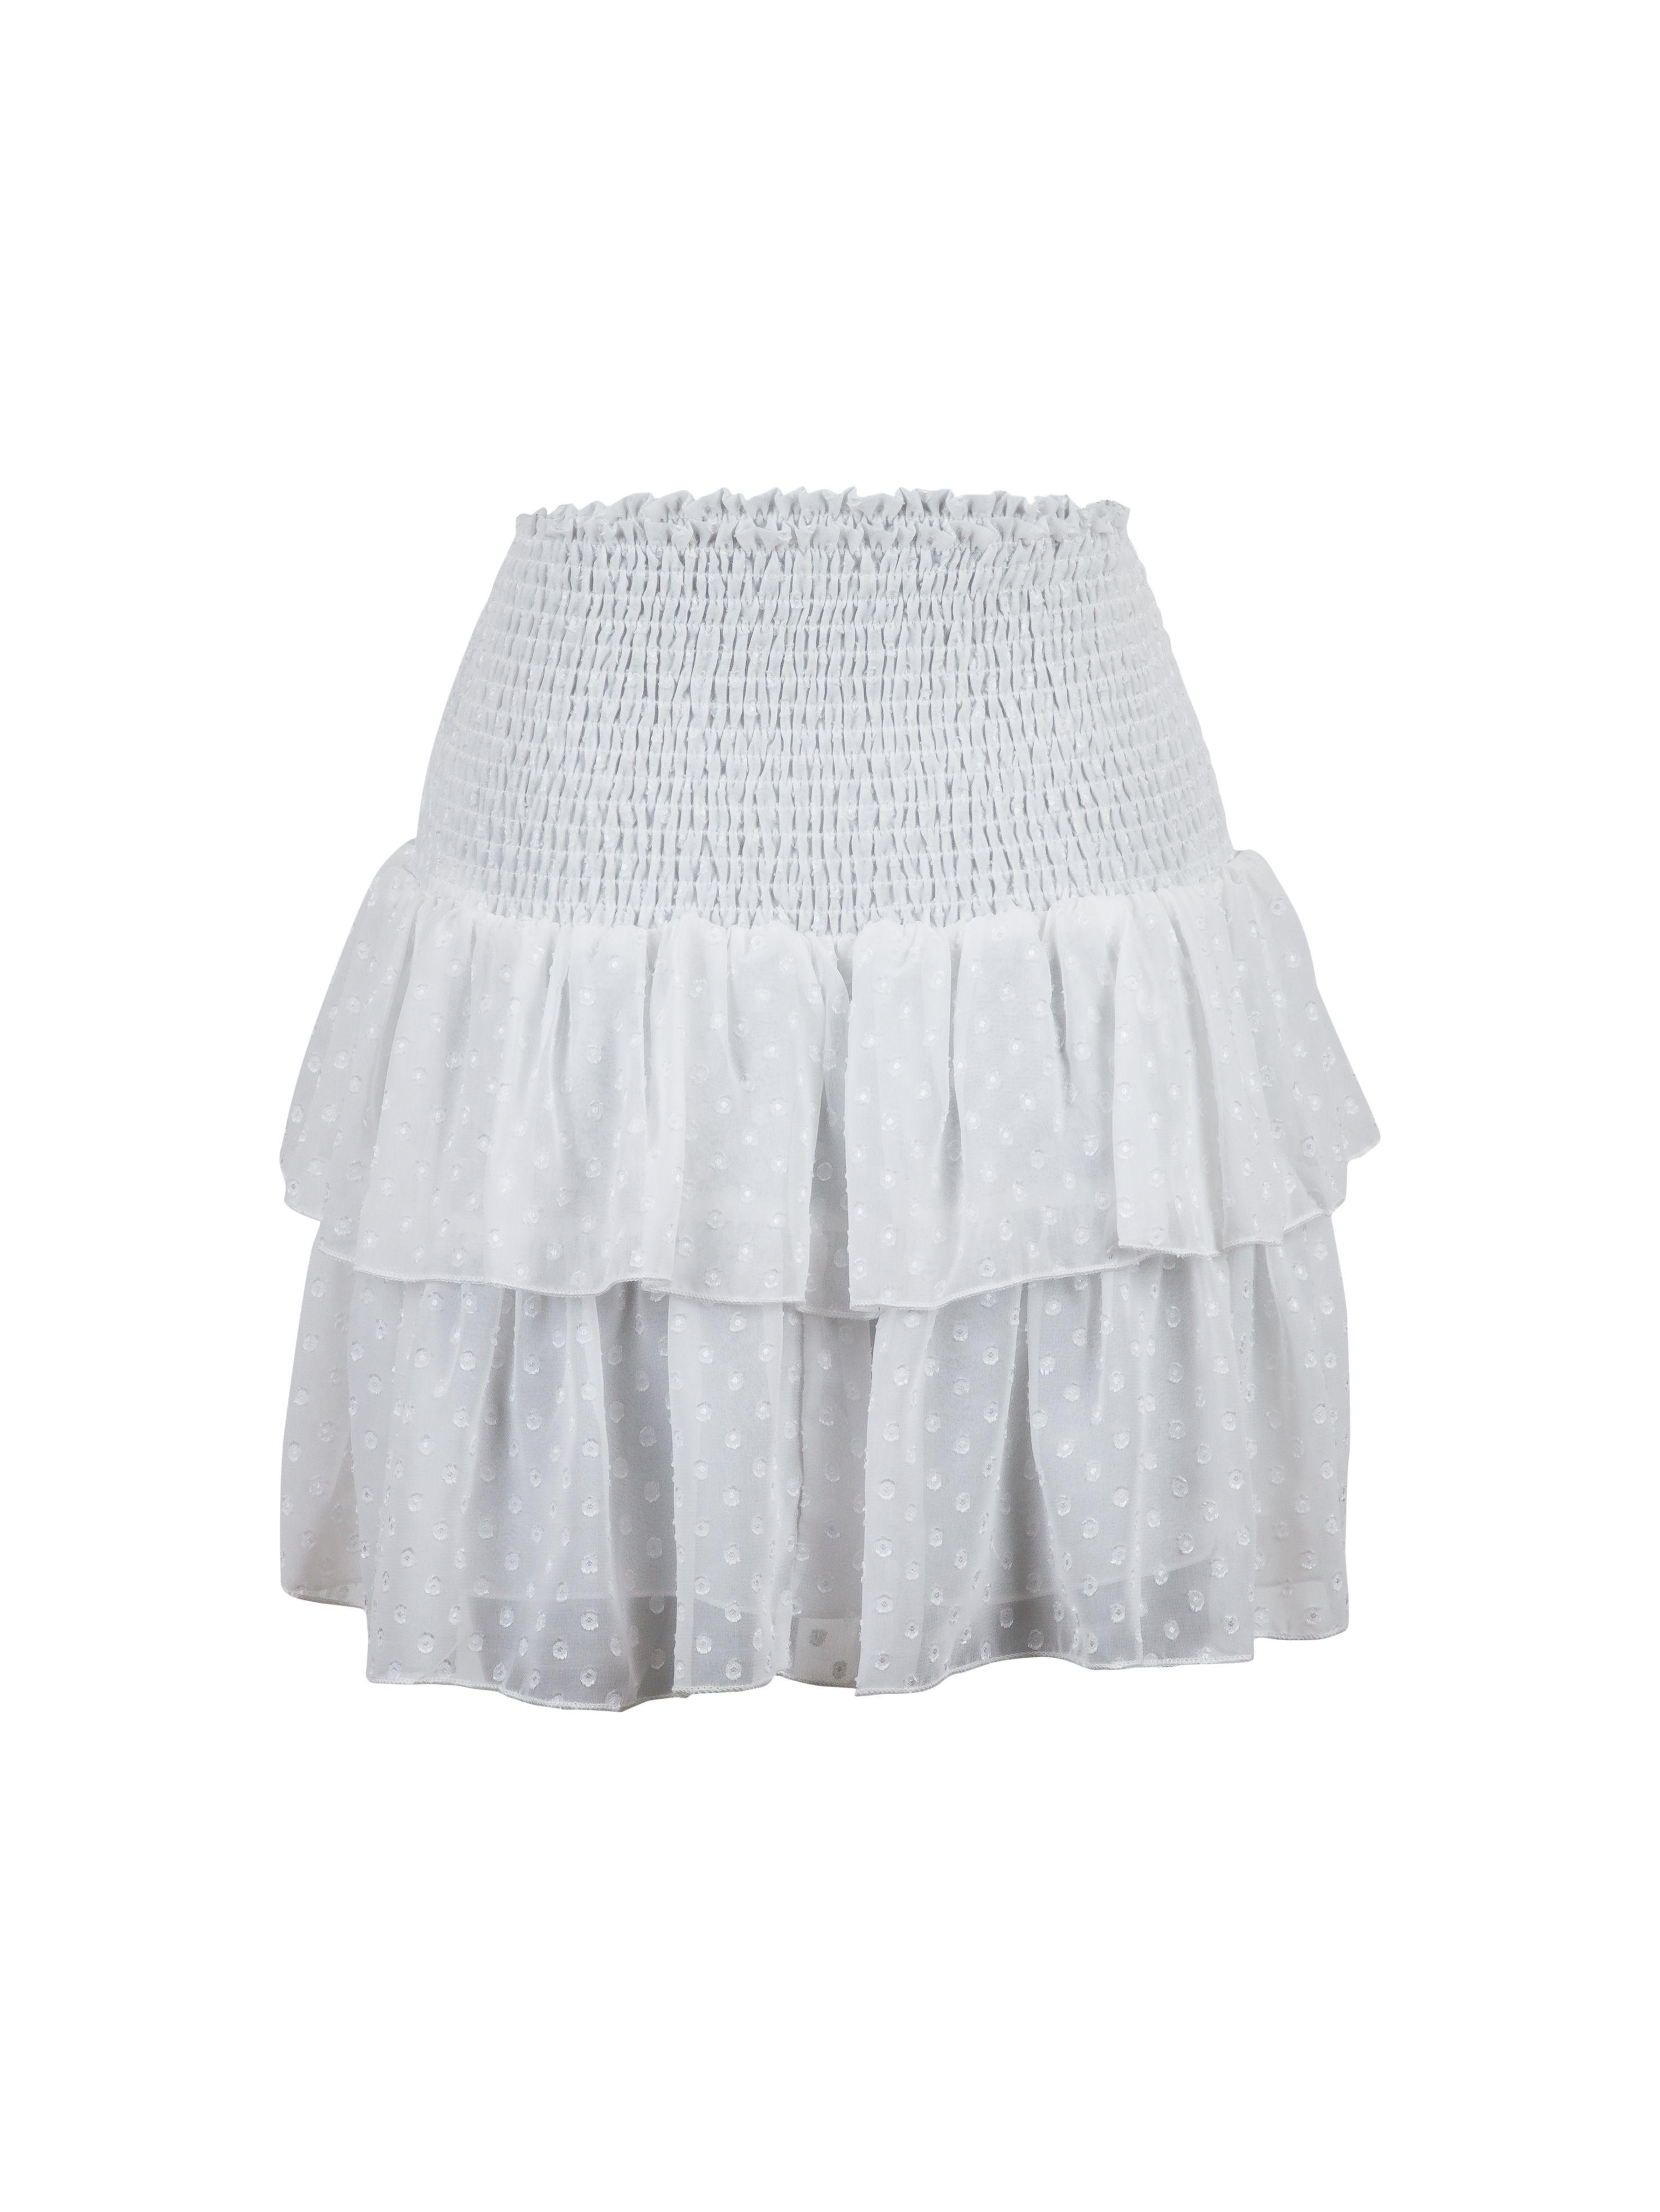 Neo Noir Carin Dobby Dot nederdel, white, x-small